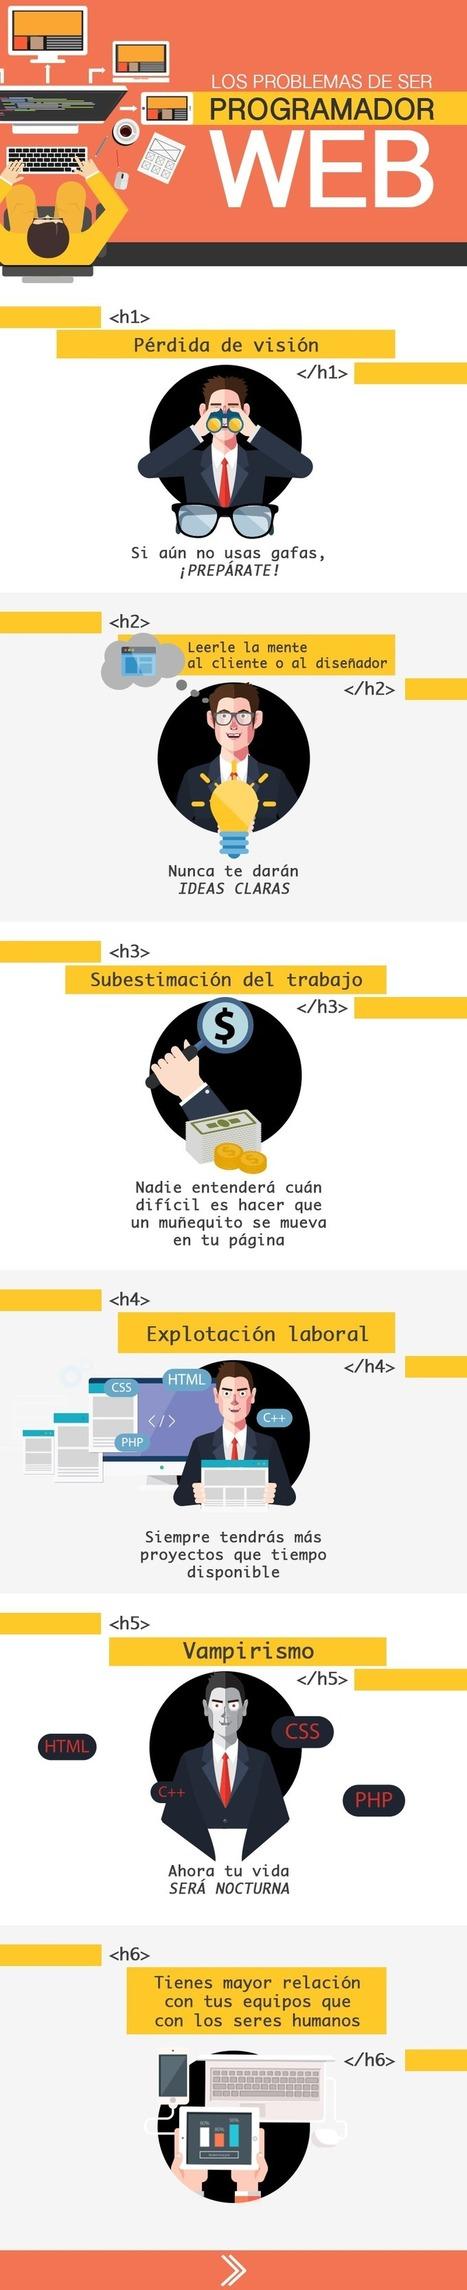 Los problemas de ser programador web #infografia #infographic | Educación con tecnología | Scoop.it